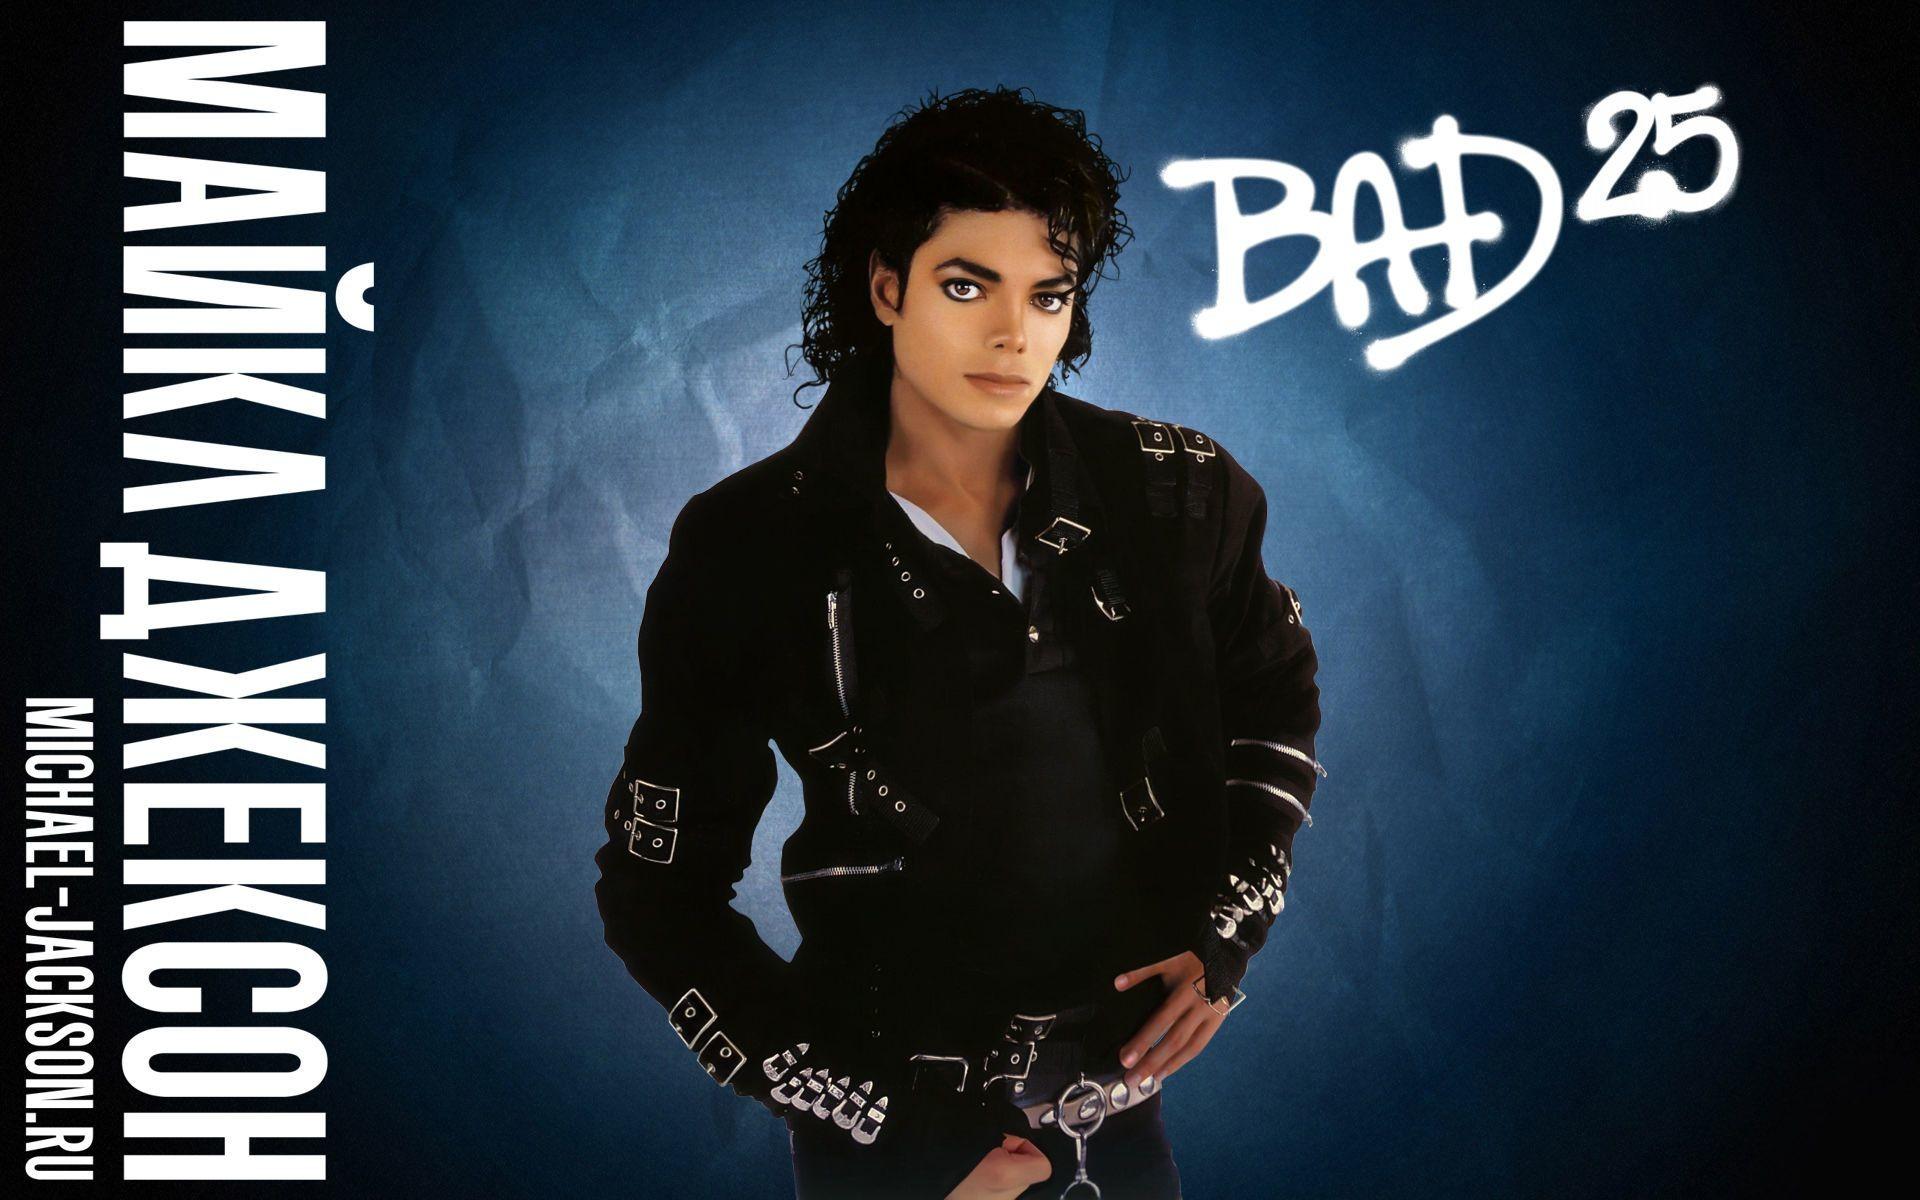 Michael Jackson Американский певец автор песен музыкальный продюсер аранжировщик танцор